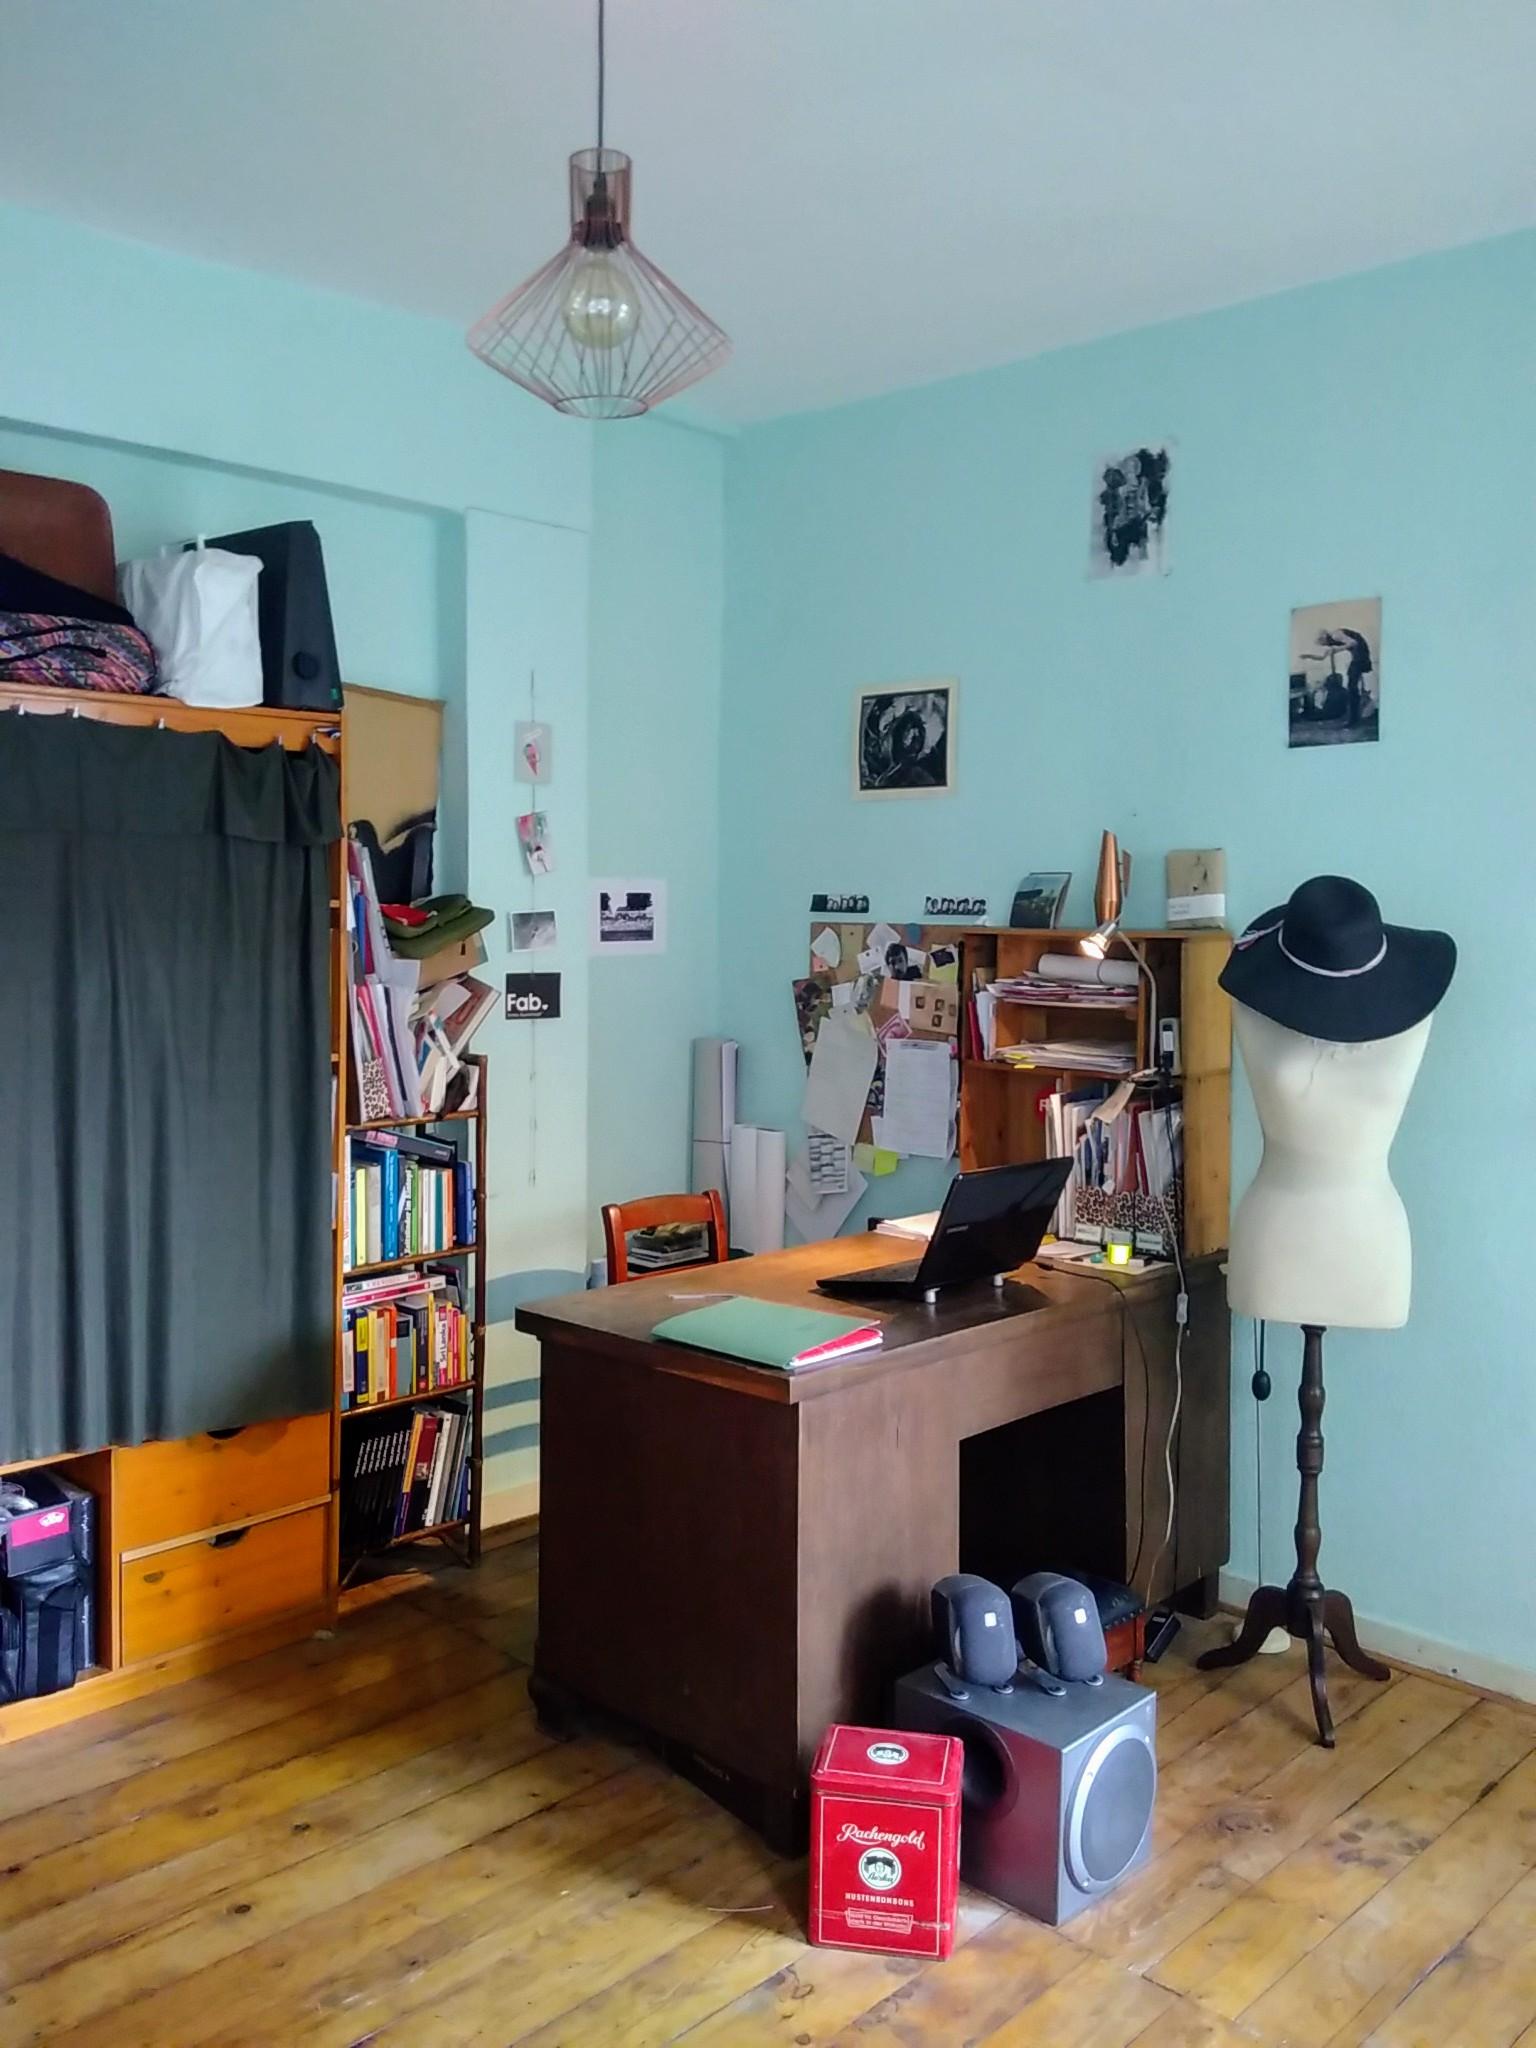 arbeitszimmer2.jpg